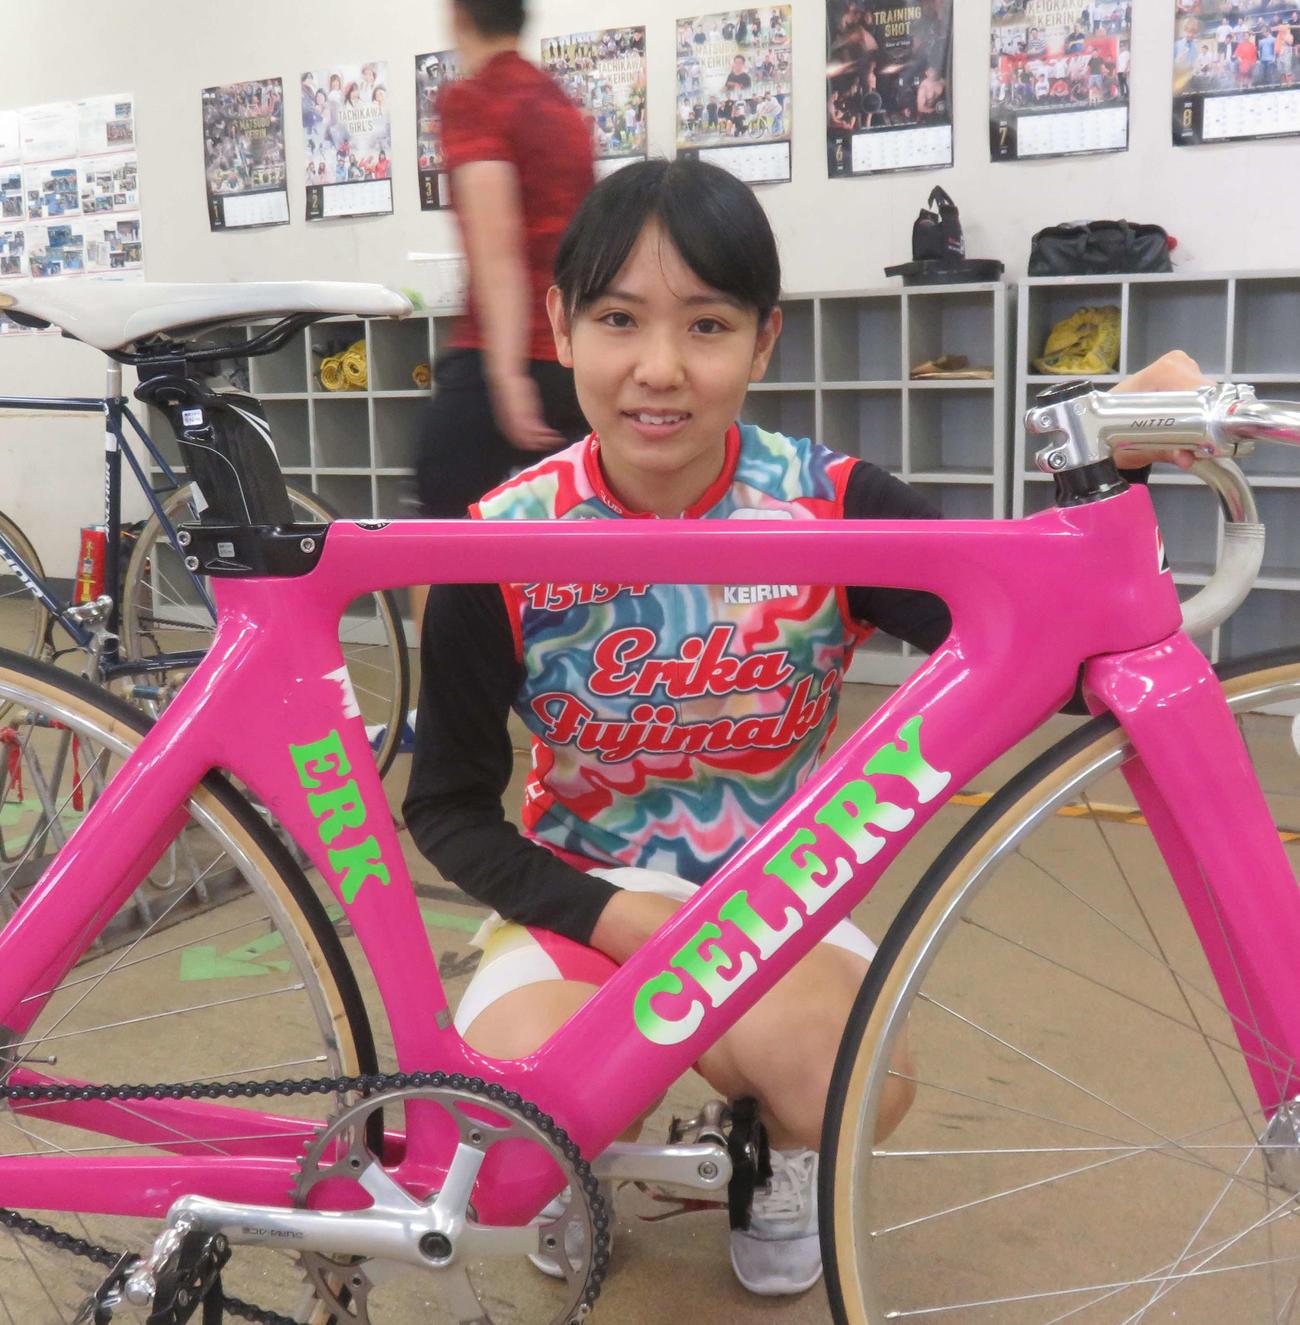 以前の自転車に戻して復調のきっかけをつかみたい藤巻絵里佳(撮影・栗田文人)